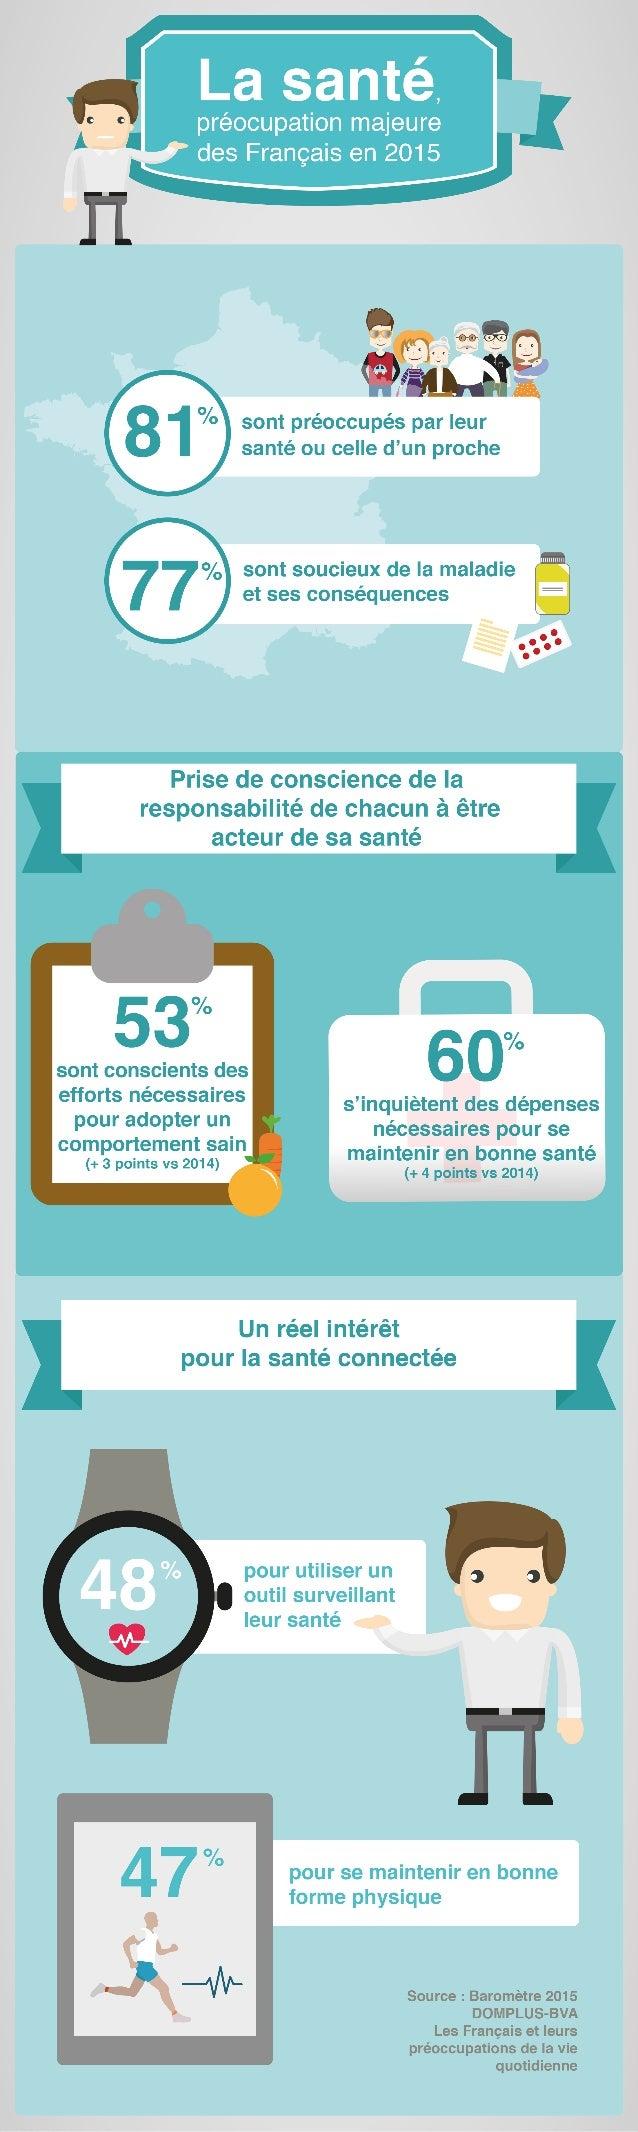 Santé et prévention : qu'en pensent les français ?